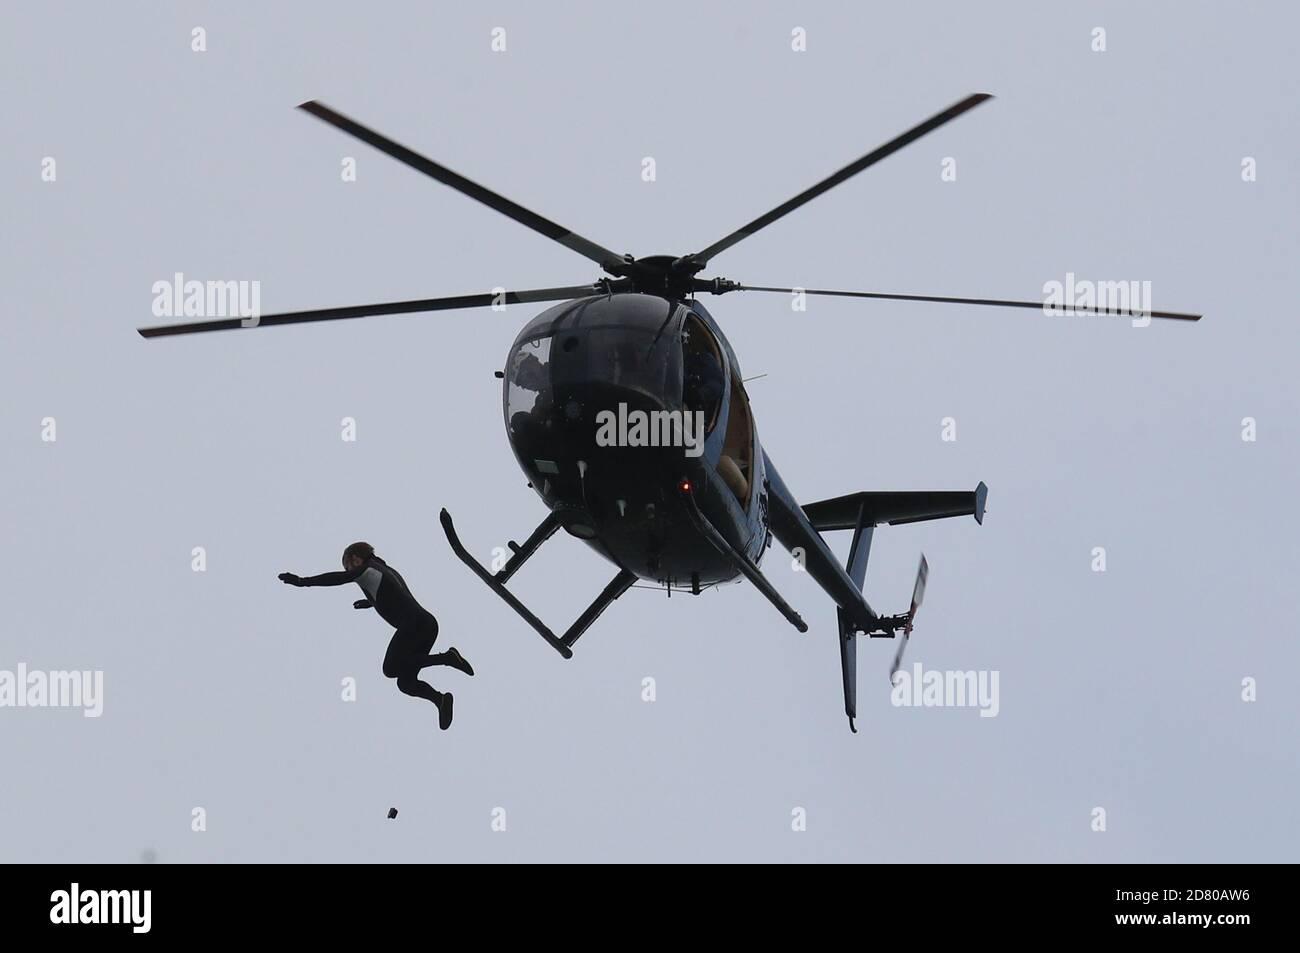 DISTANCIA de modificación DE RETRANSMISIÓN alcanzada en salto a 40m. El ex paracaidista John bream intenta obtener el récord de salto más alto sin paracaídas saltando a 40m de un helicóptero al mar frente a Hayling Island en Hampshire. Foto de stock